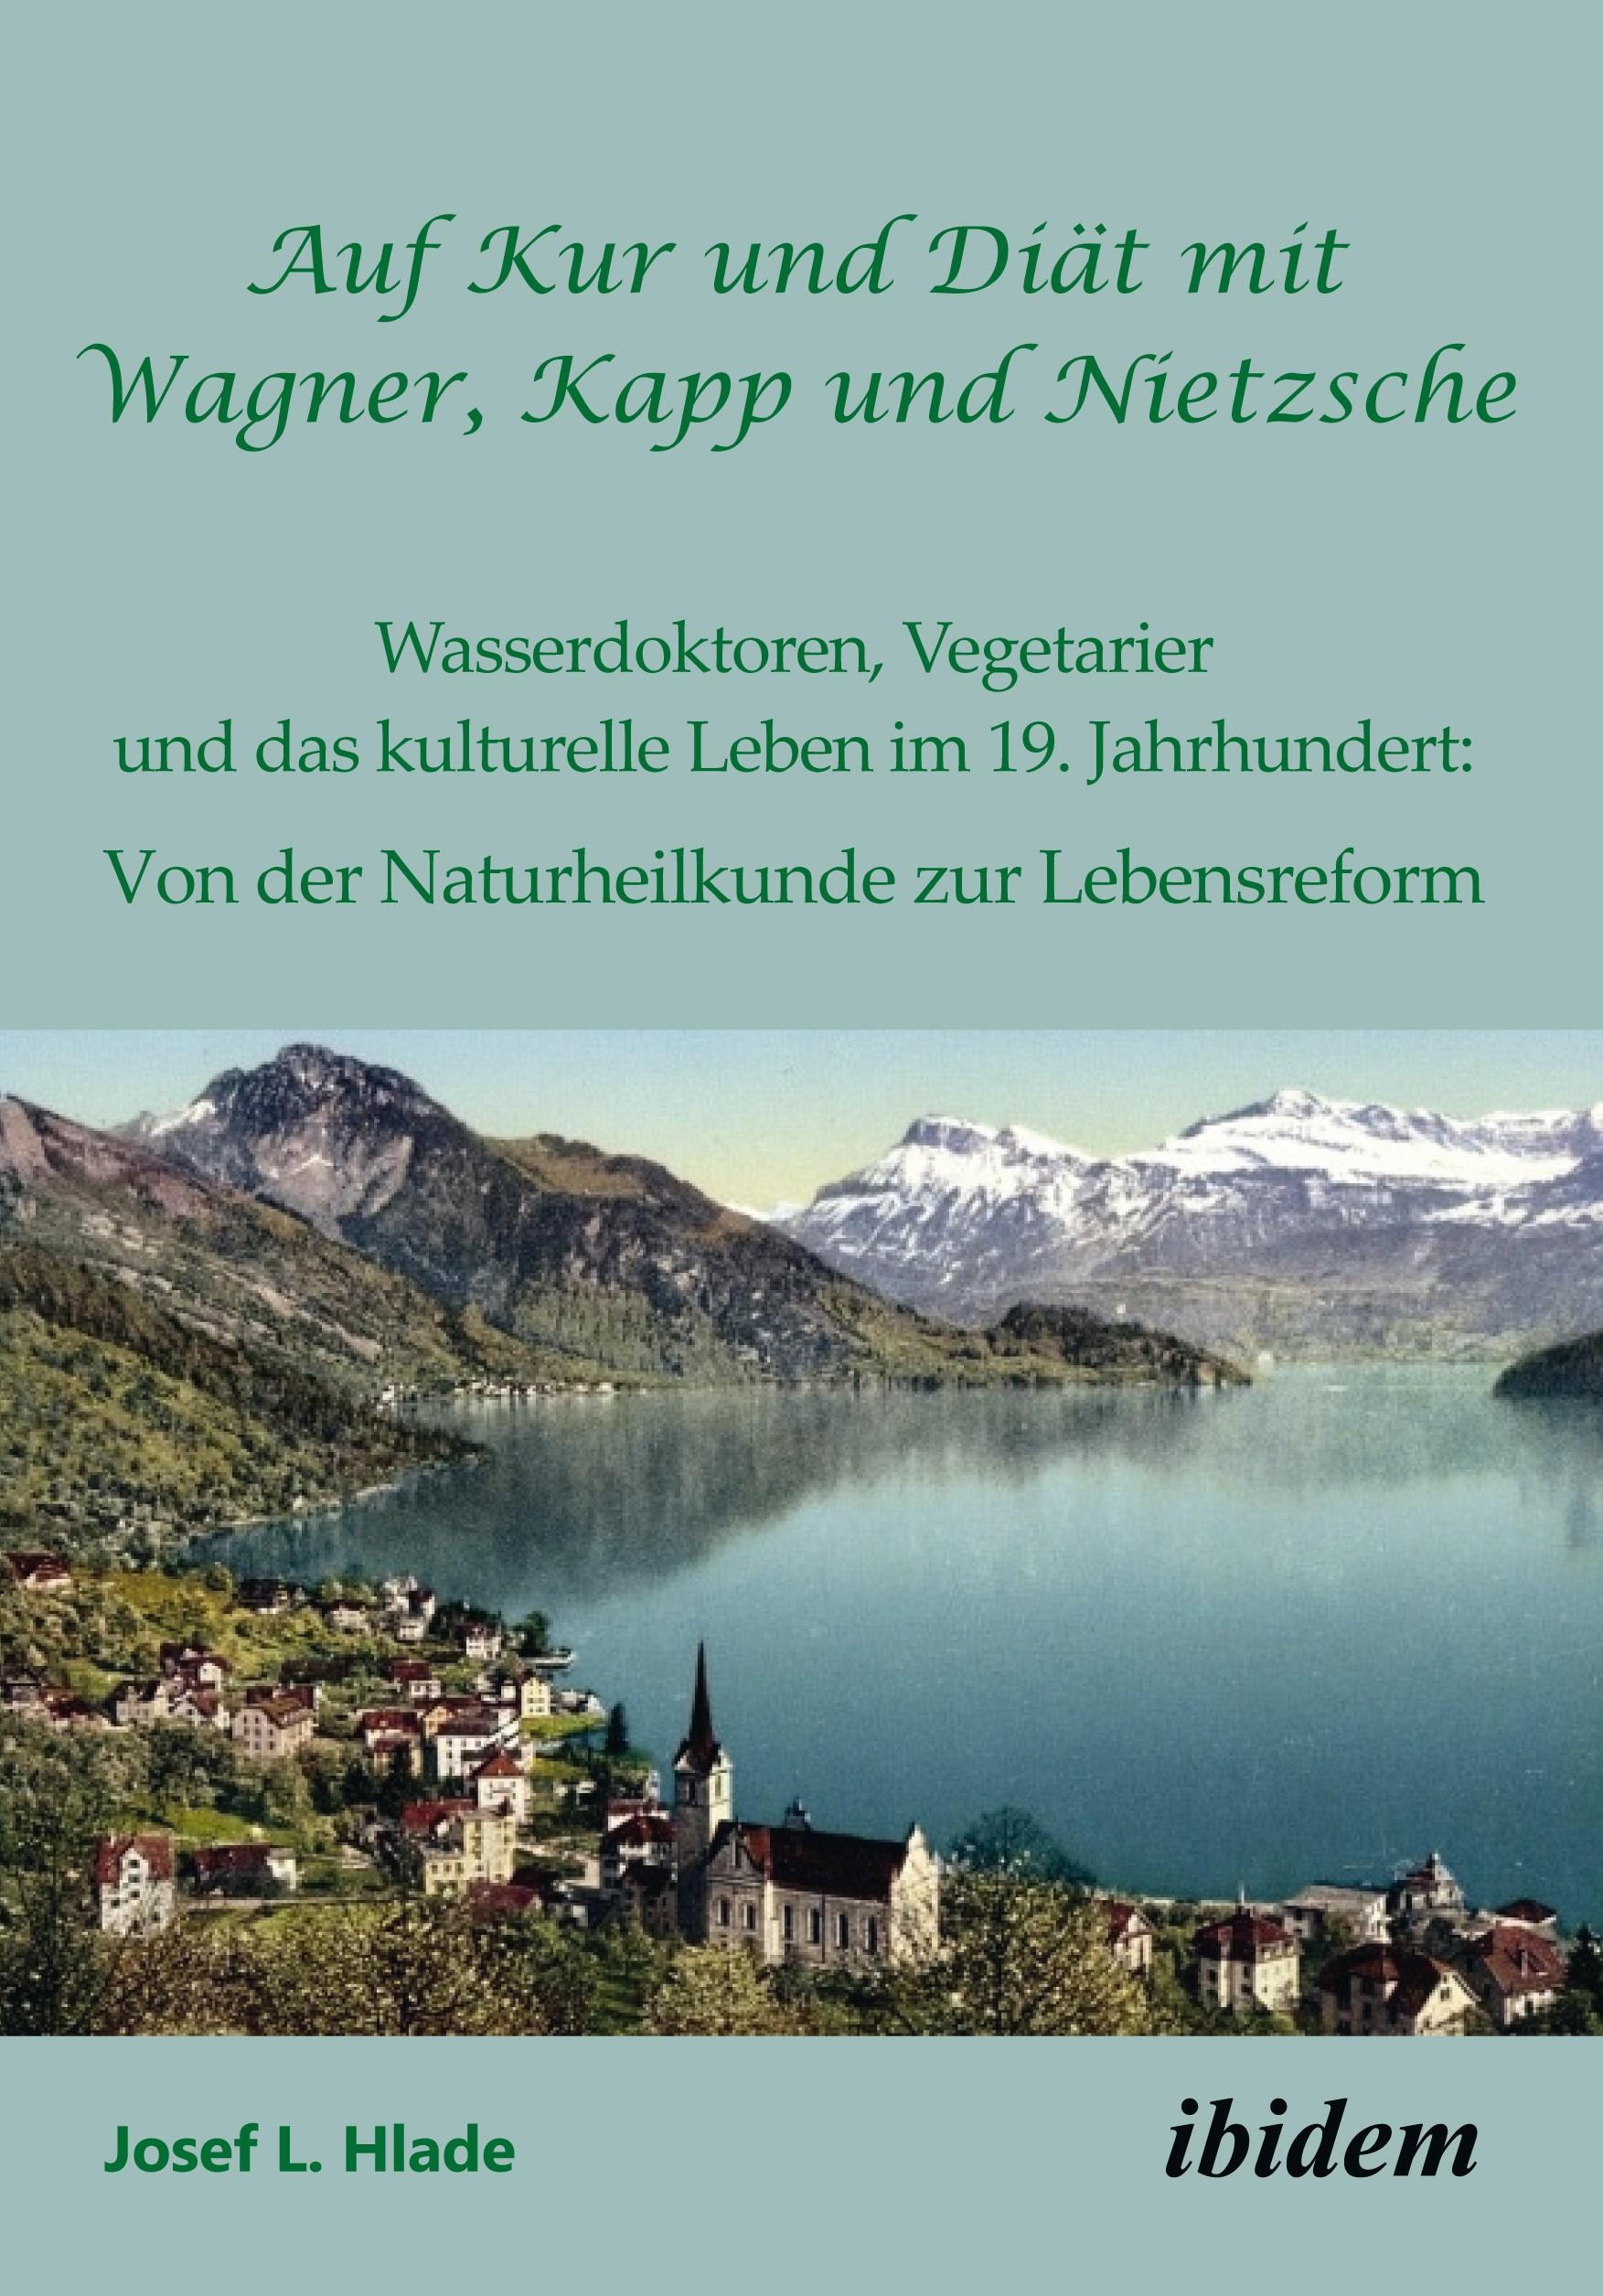 Auf Kur und Diät mit Wagner, Kapp und Nietzsche